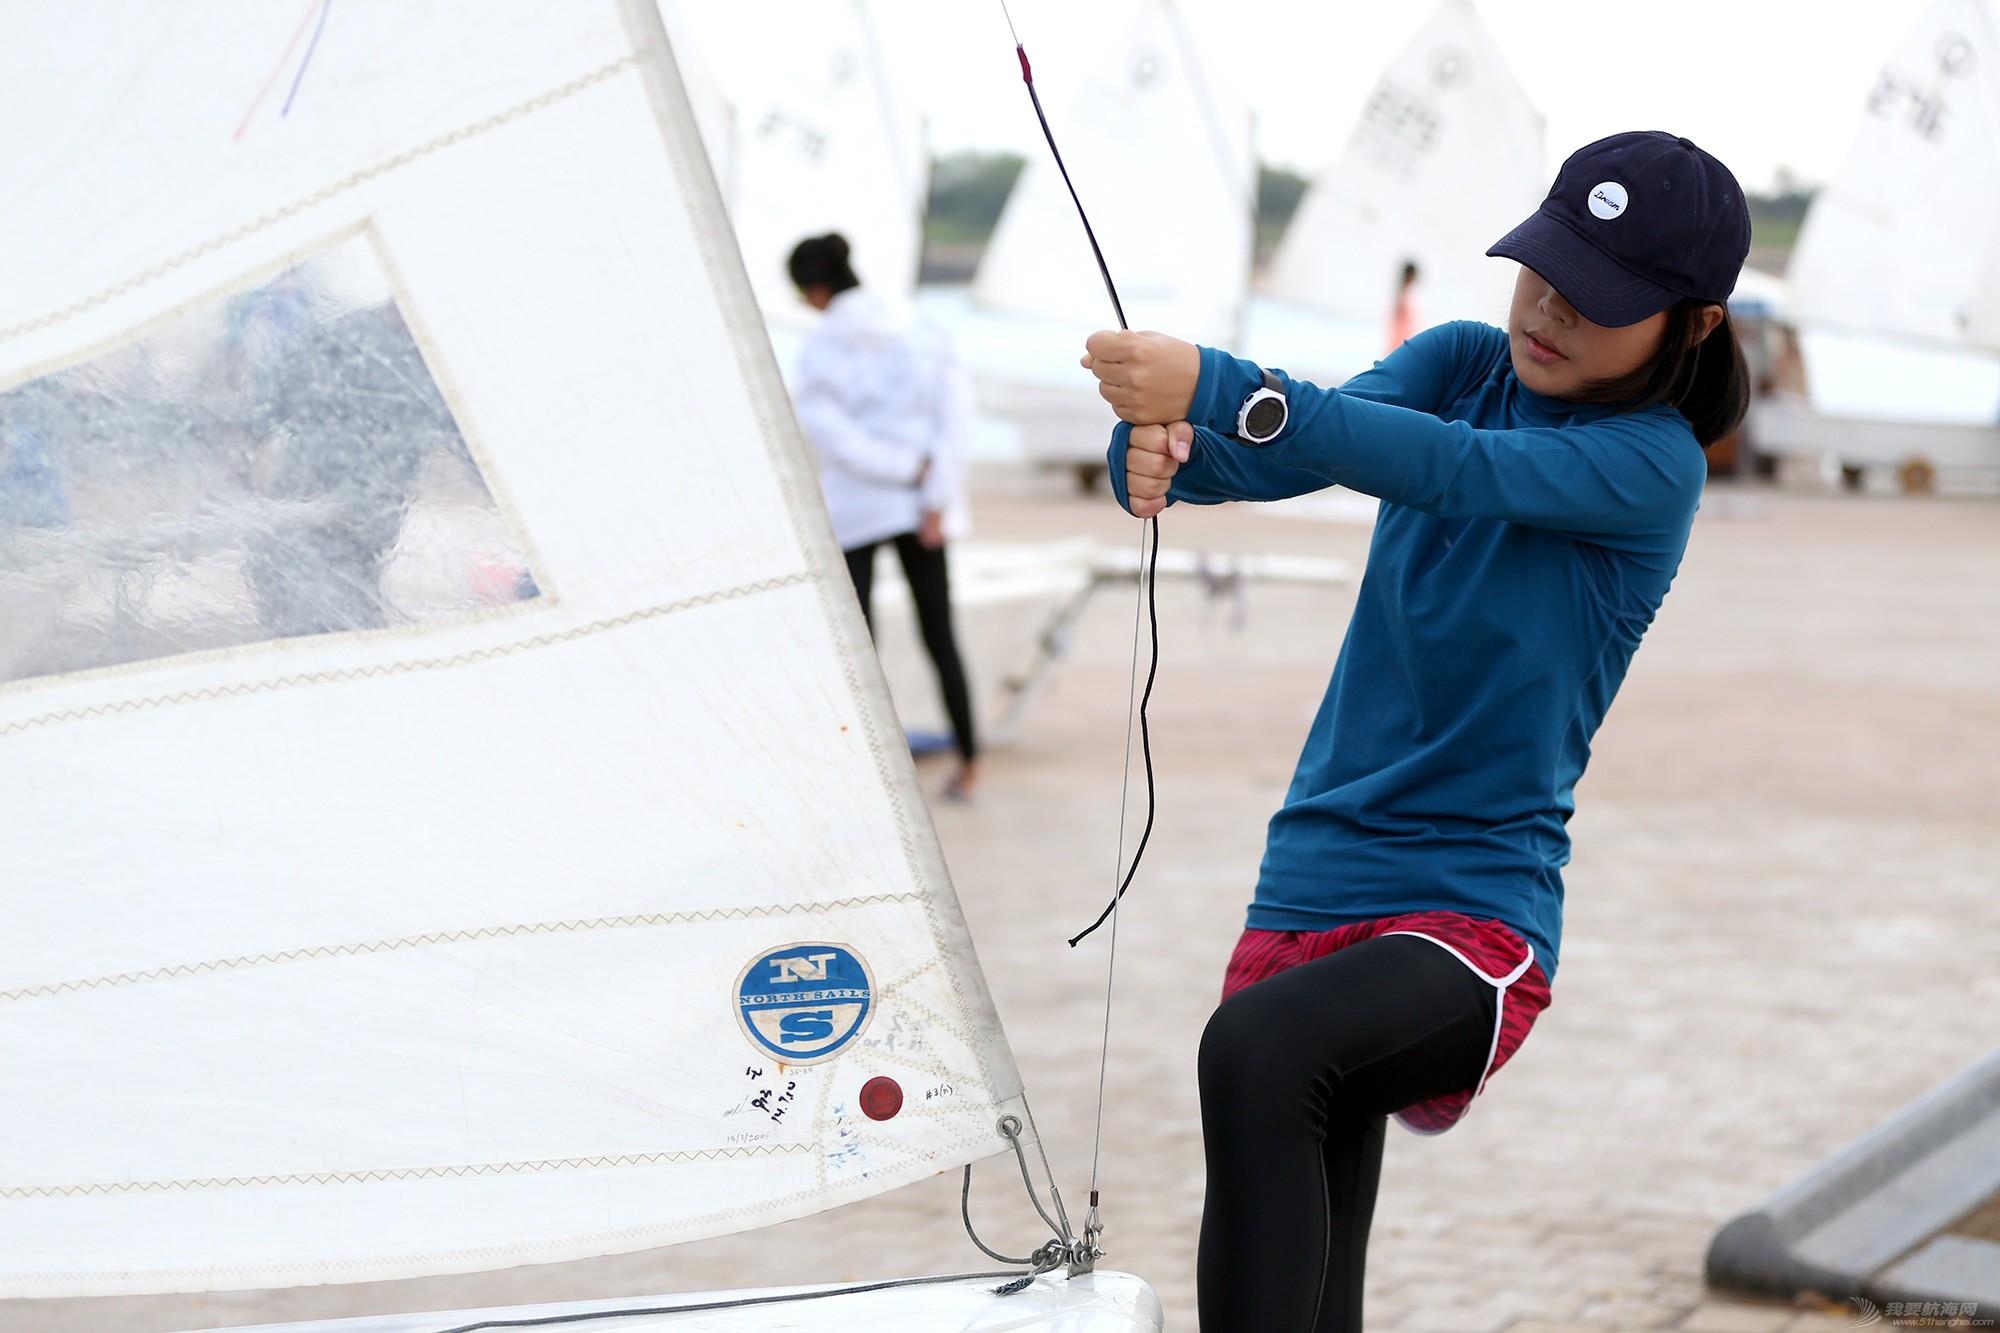 山东省,冠军赛,帆板,帆船 忙碌的赛前准备——山东省帆船帆板冠军赛花絮 5V8A9430.JPG